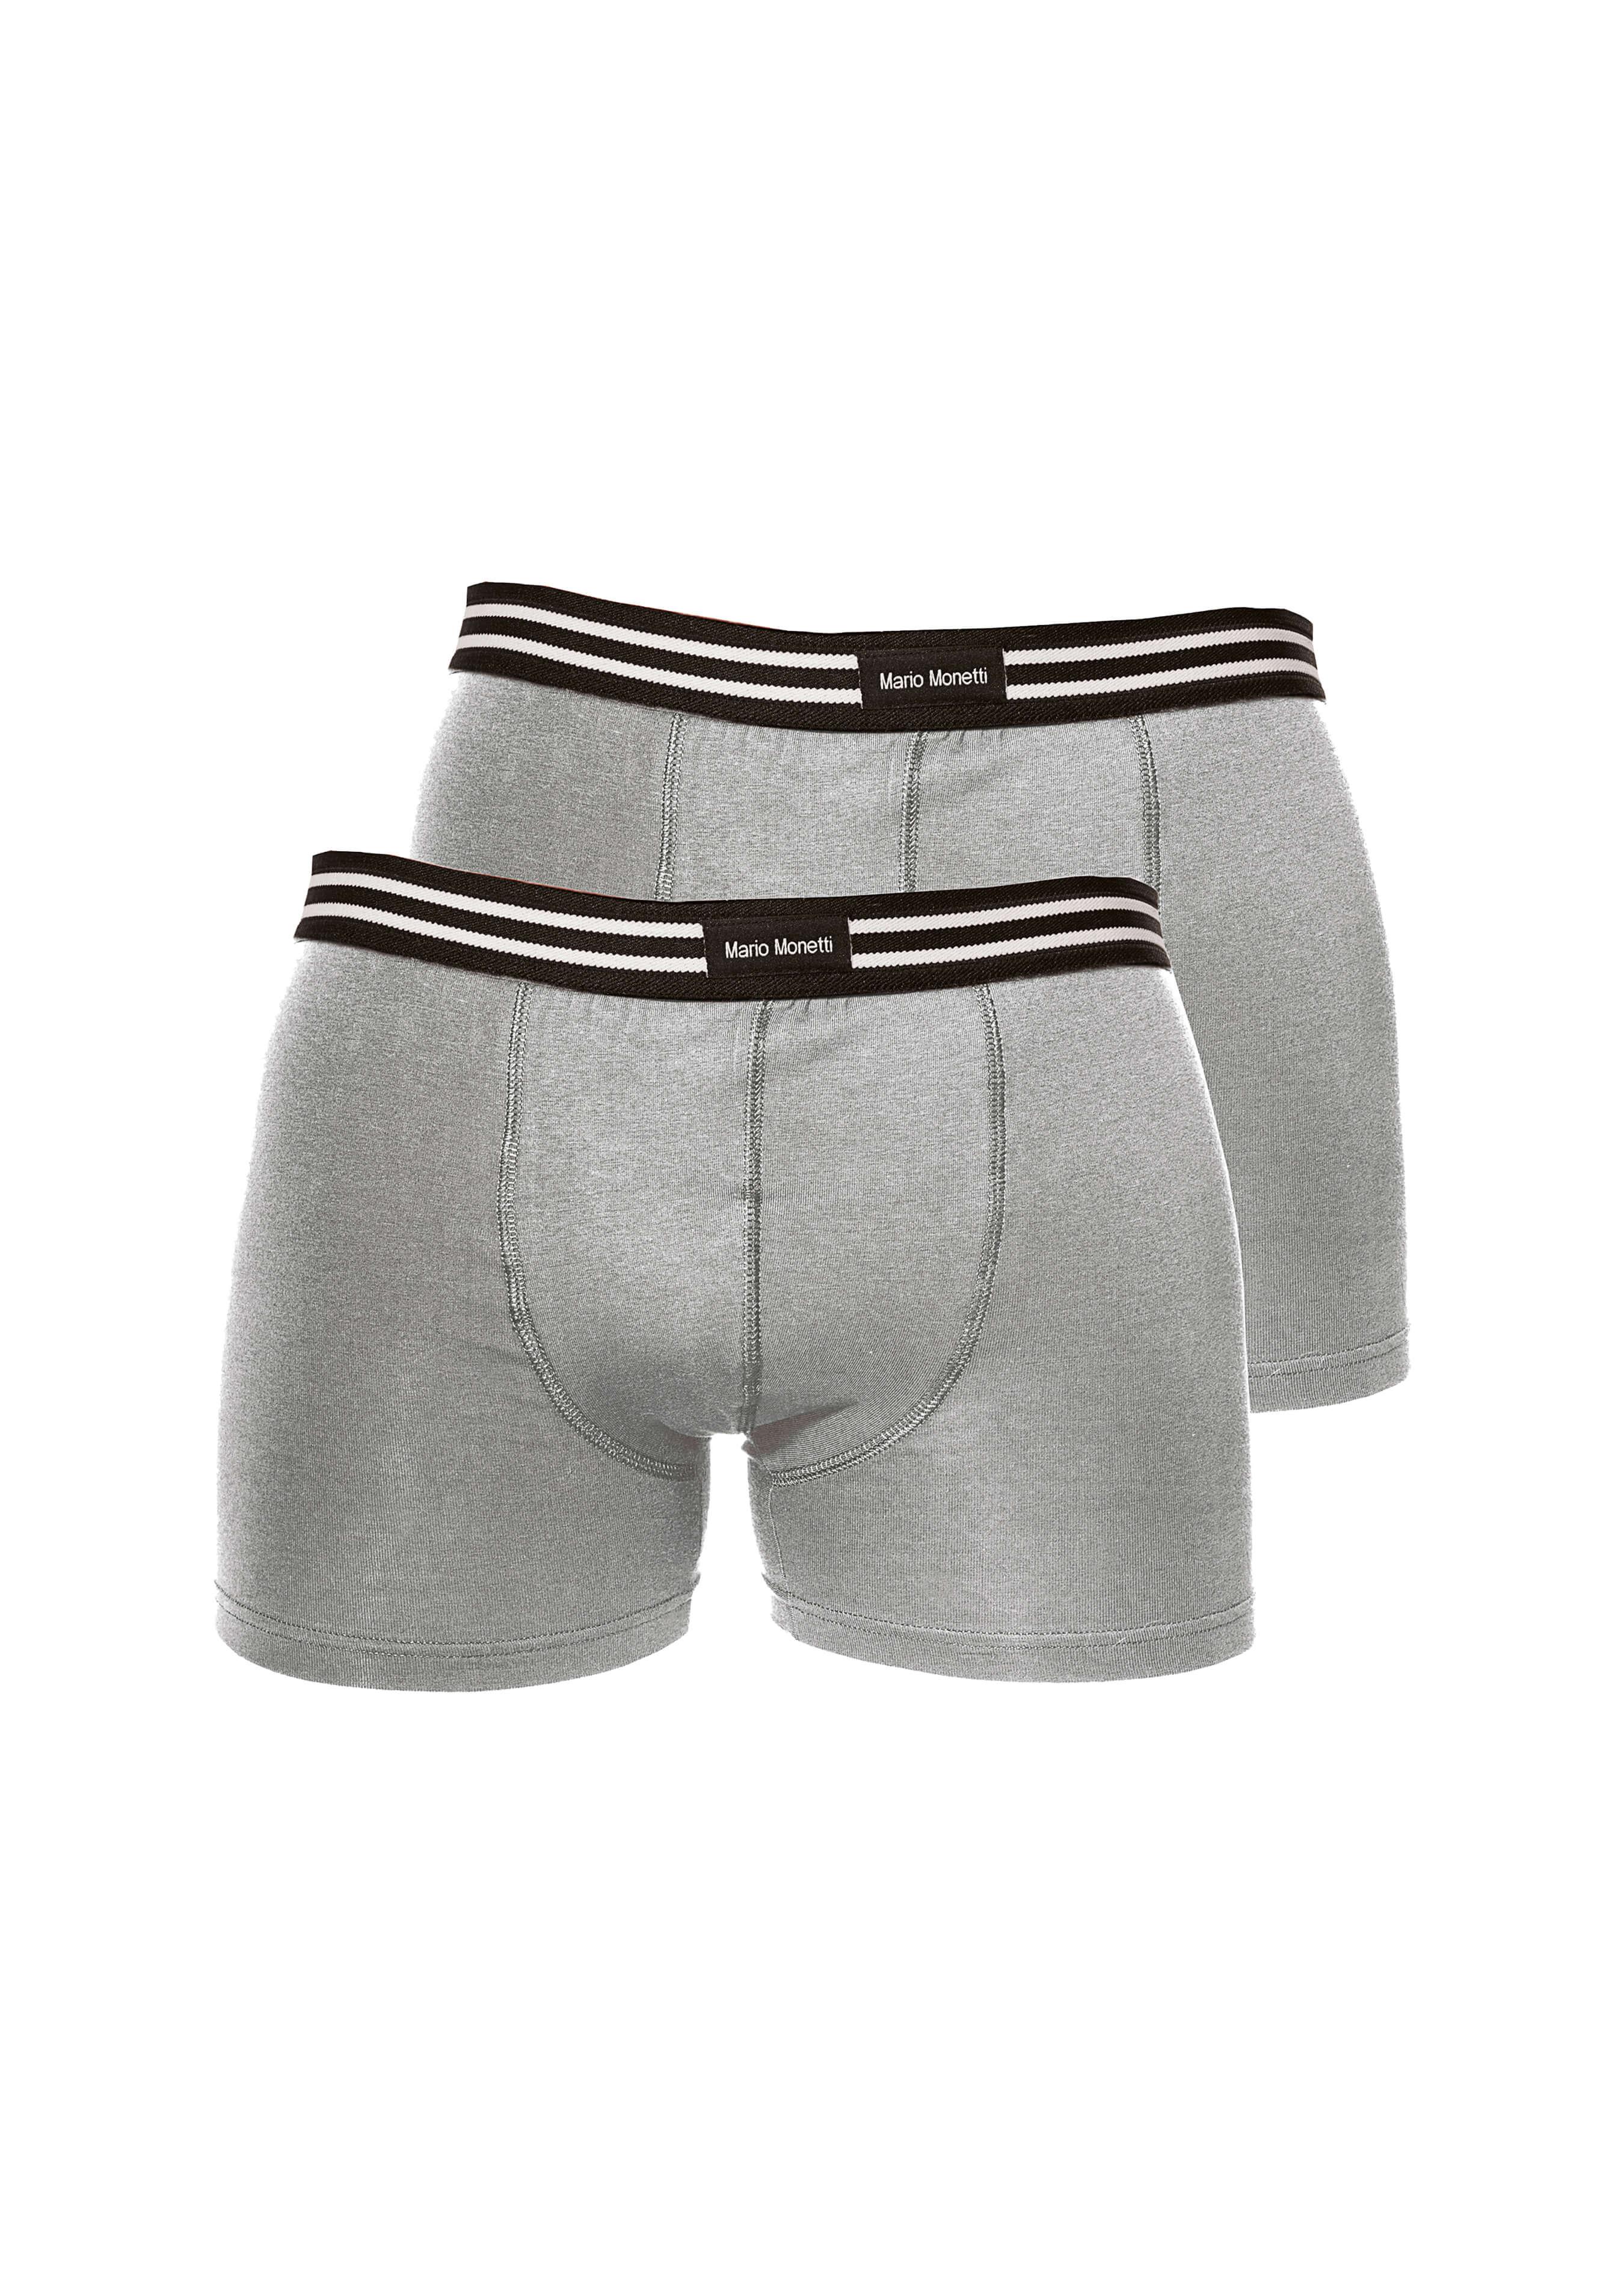 Herren Boxer-Shorts 2er Pack 278911L 1